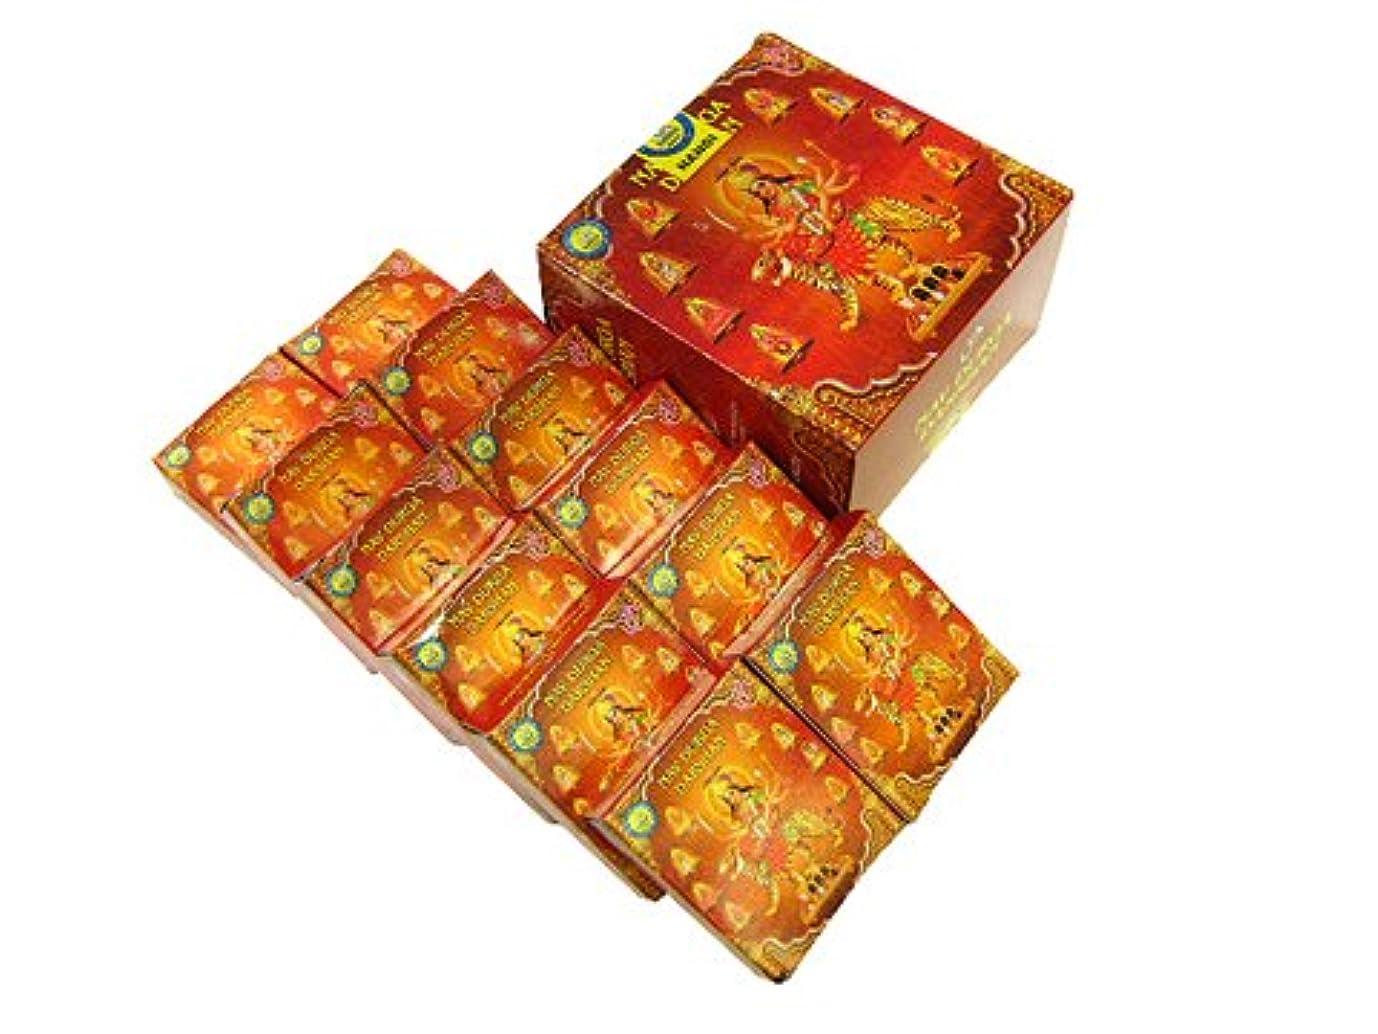 以内に赤れるDARSHAN(ダルシャン) ナンディ ドゥルガダルシャン香コーンタイプ NANDI NAV DURGA CORN 12箱セット